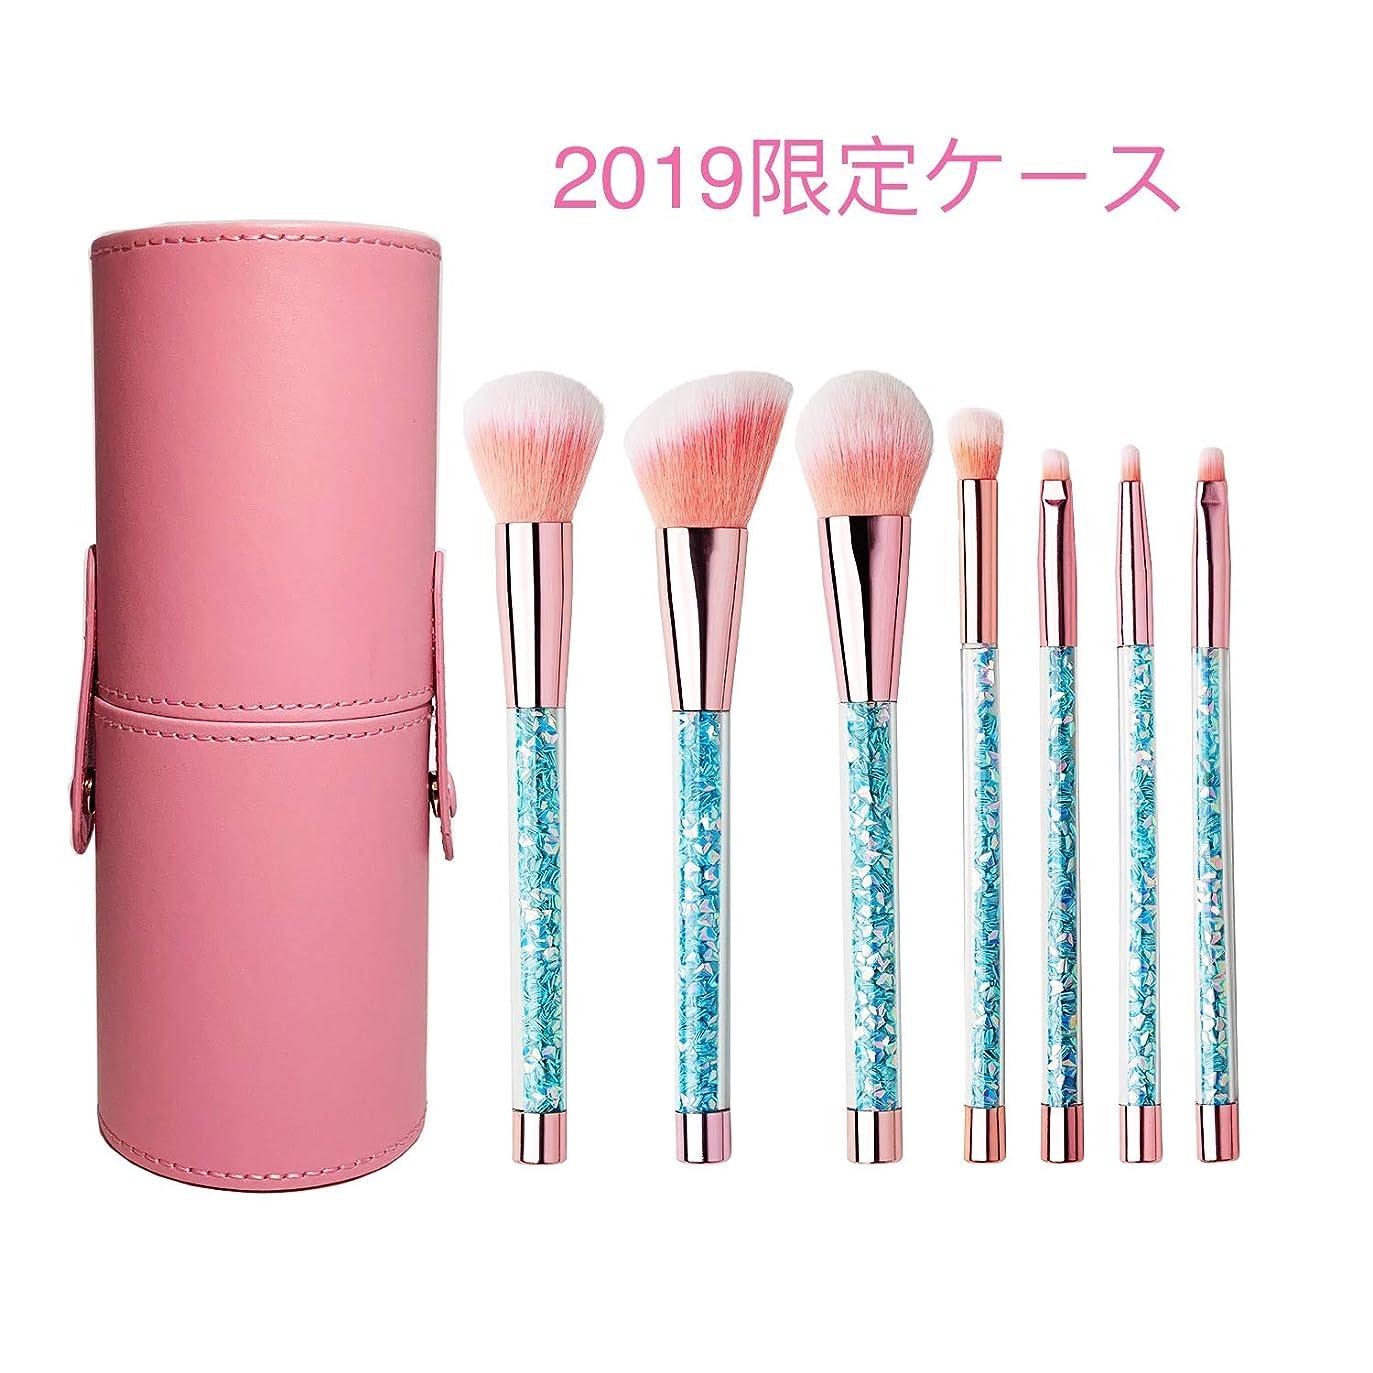 オンス声を出してまでDinetry メイクブラシ 7本セット 化粧筆 ファンデーションブラシ フェイスブラシ 高級毛質 収納ケース付き ピンク